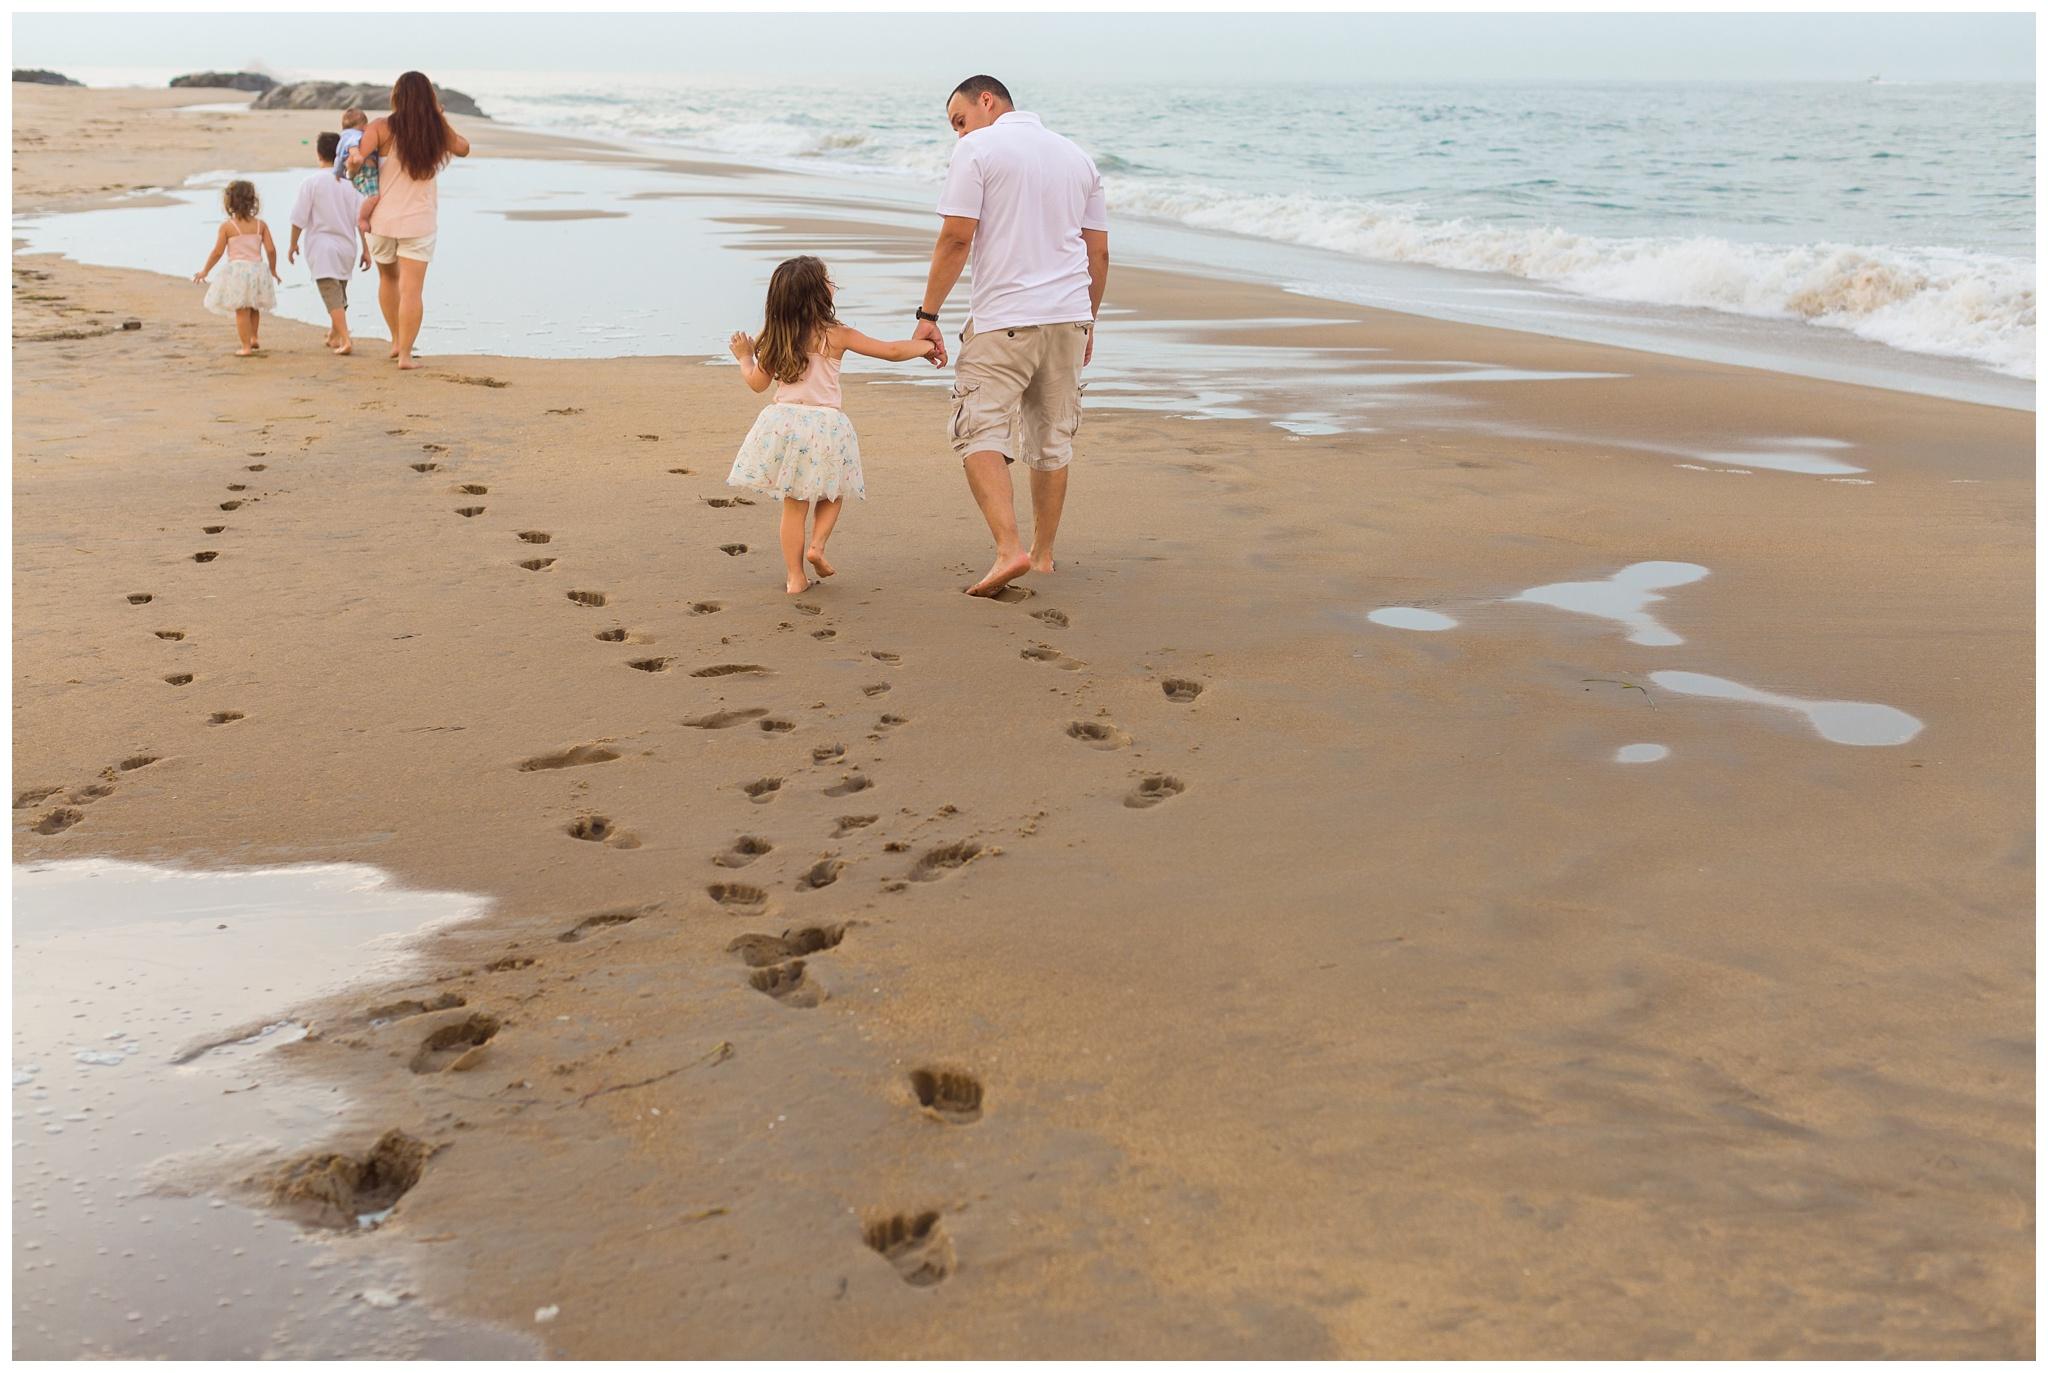 Virginia-Beach-Family-Photographer -8-2.jpg